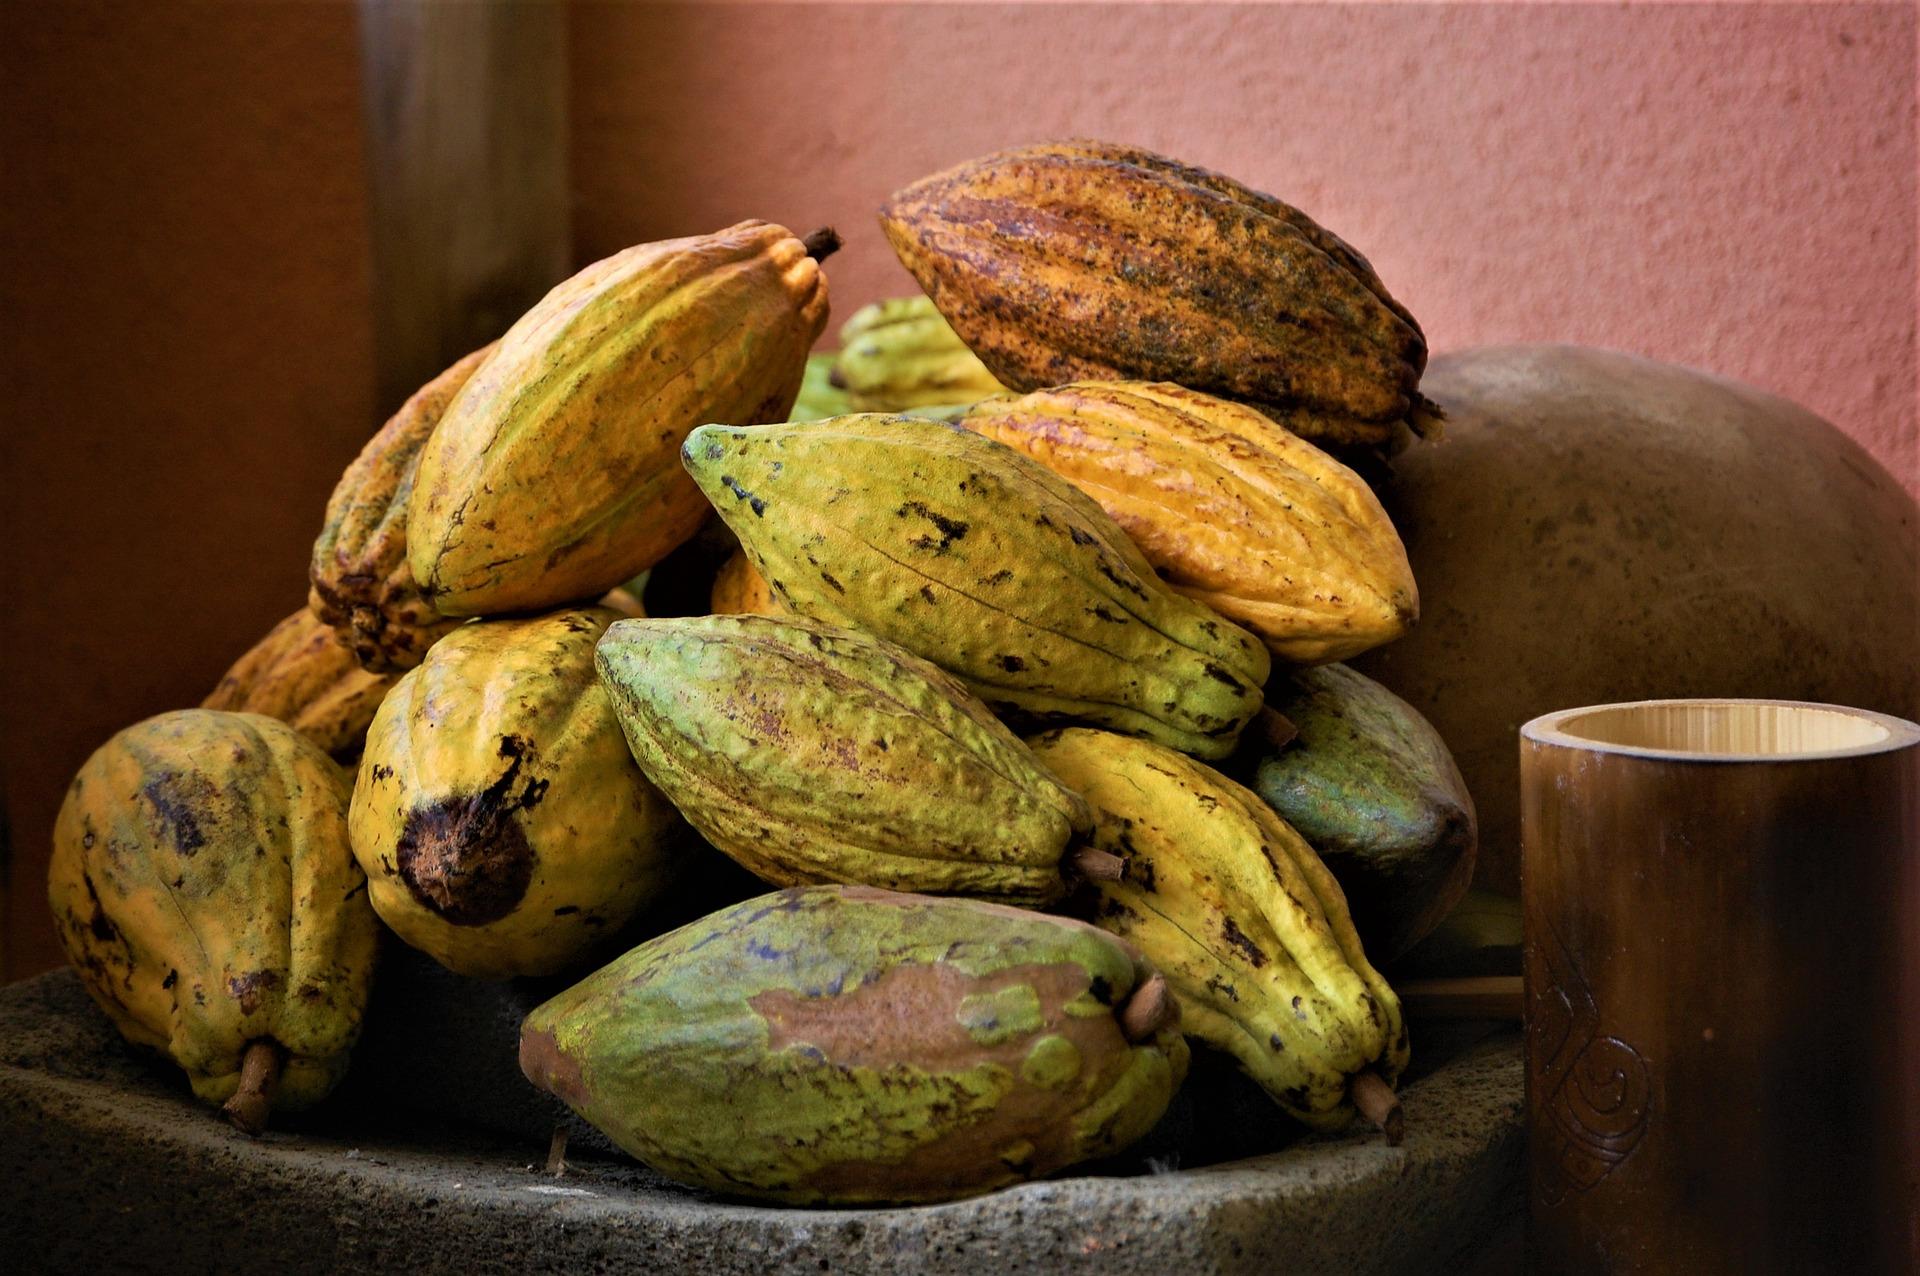 cacao-3707275_1920.jpg